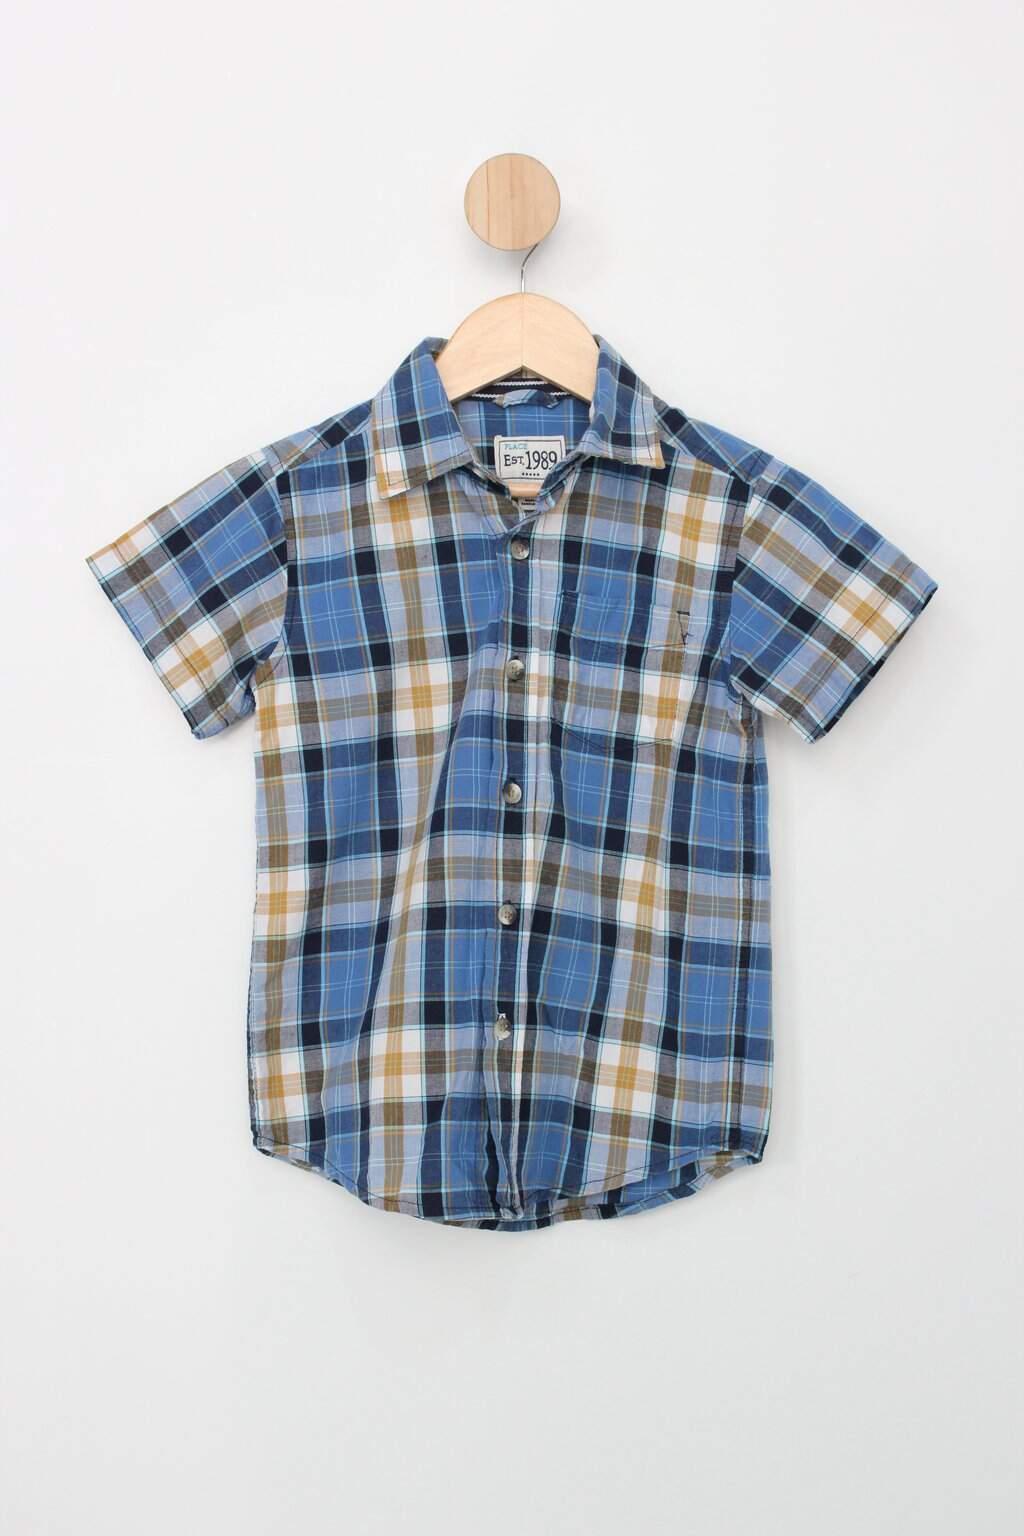 Camisa Manga Curta Infantil Est. 1989 Xadrez Azul